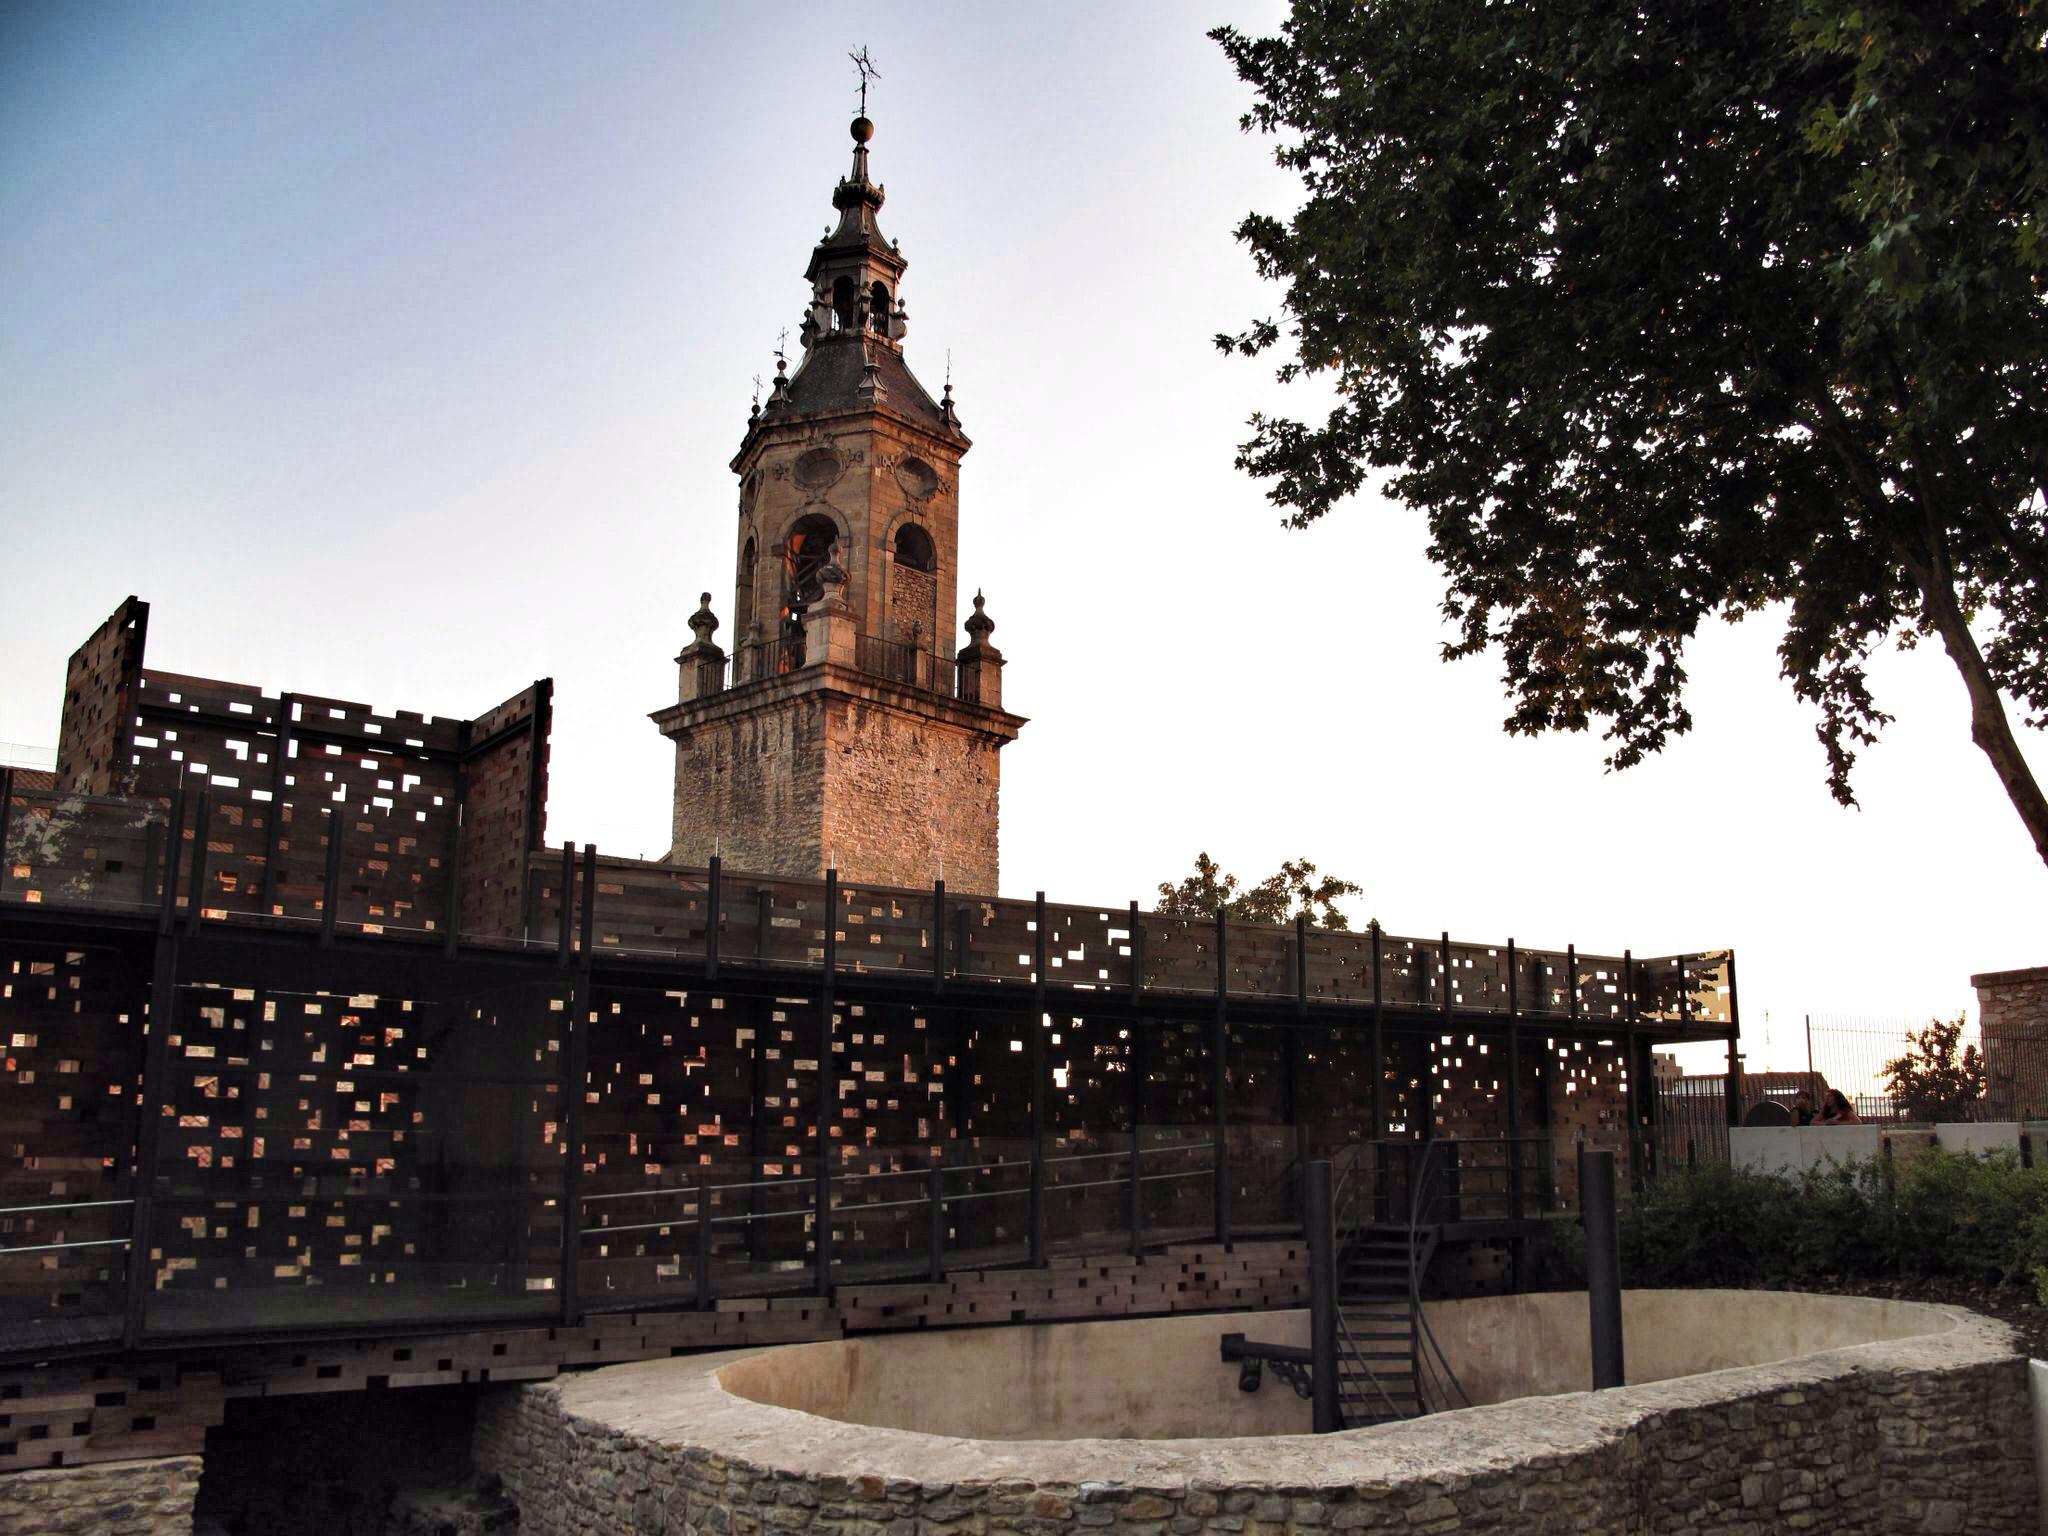 muralla vitoria_restauracion_nevera_ander de la fuente_europa nostra_patrimonio_reharq